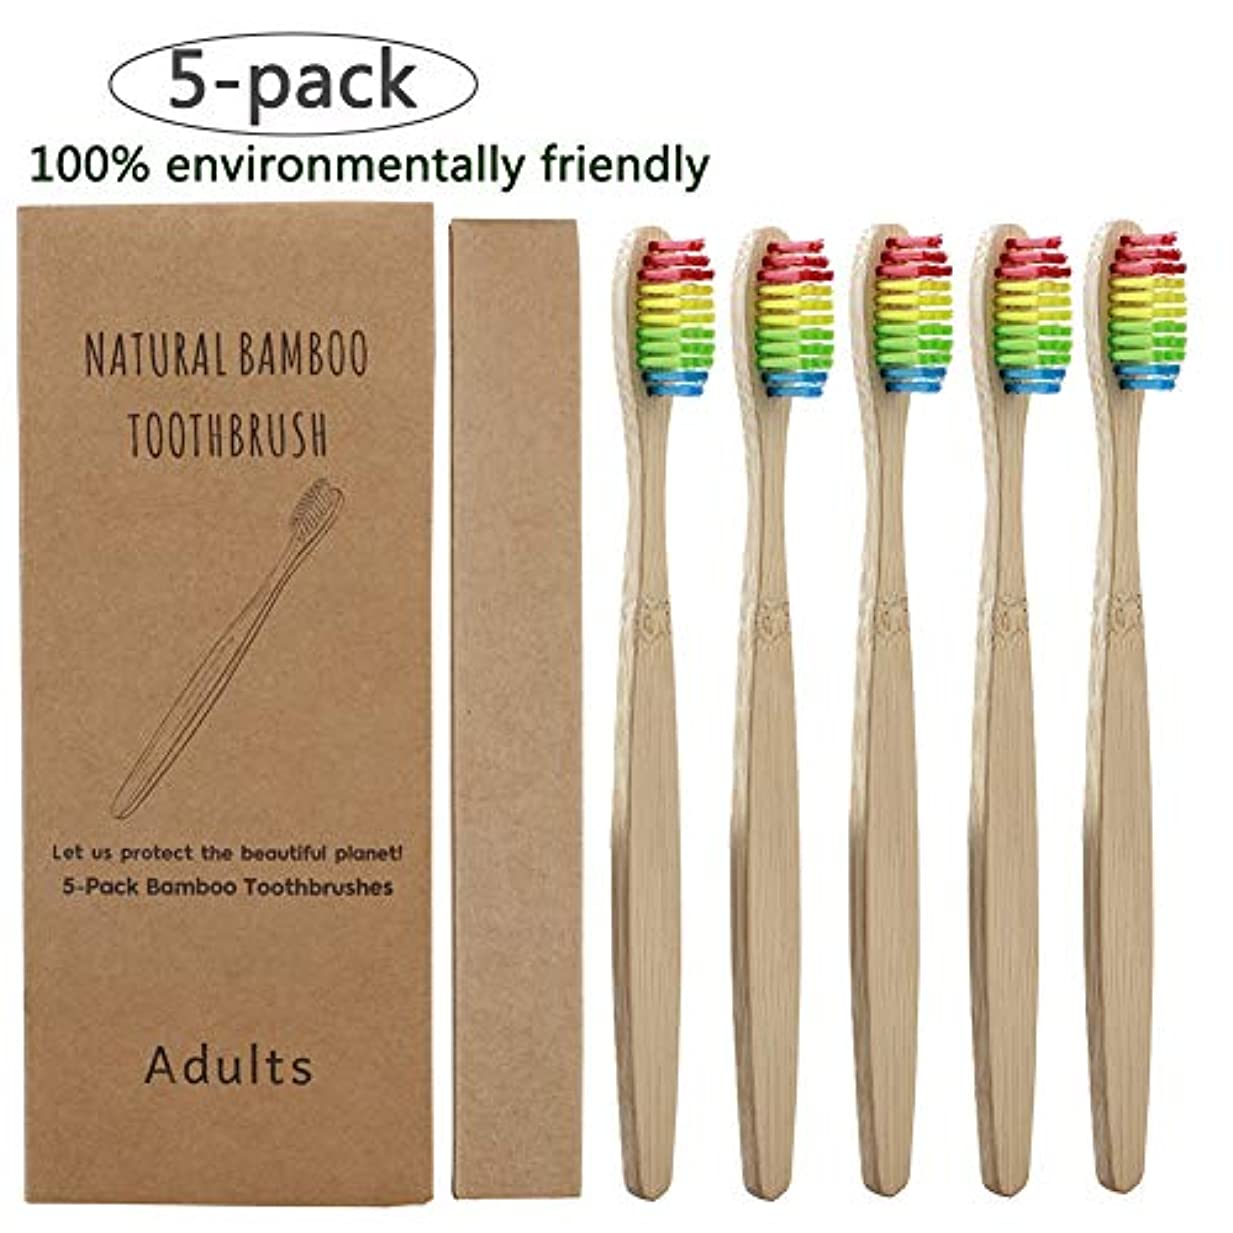 リットルハンカチヒロインDoo 5pcs 竹の歯ブラシ 大人用 柔らかい剛毛 環境保護 自然竹ハンドル 軟毛歯ブラシ 口腔ケア カラフルヘッド